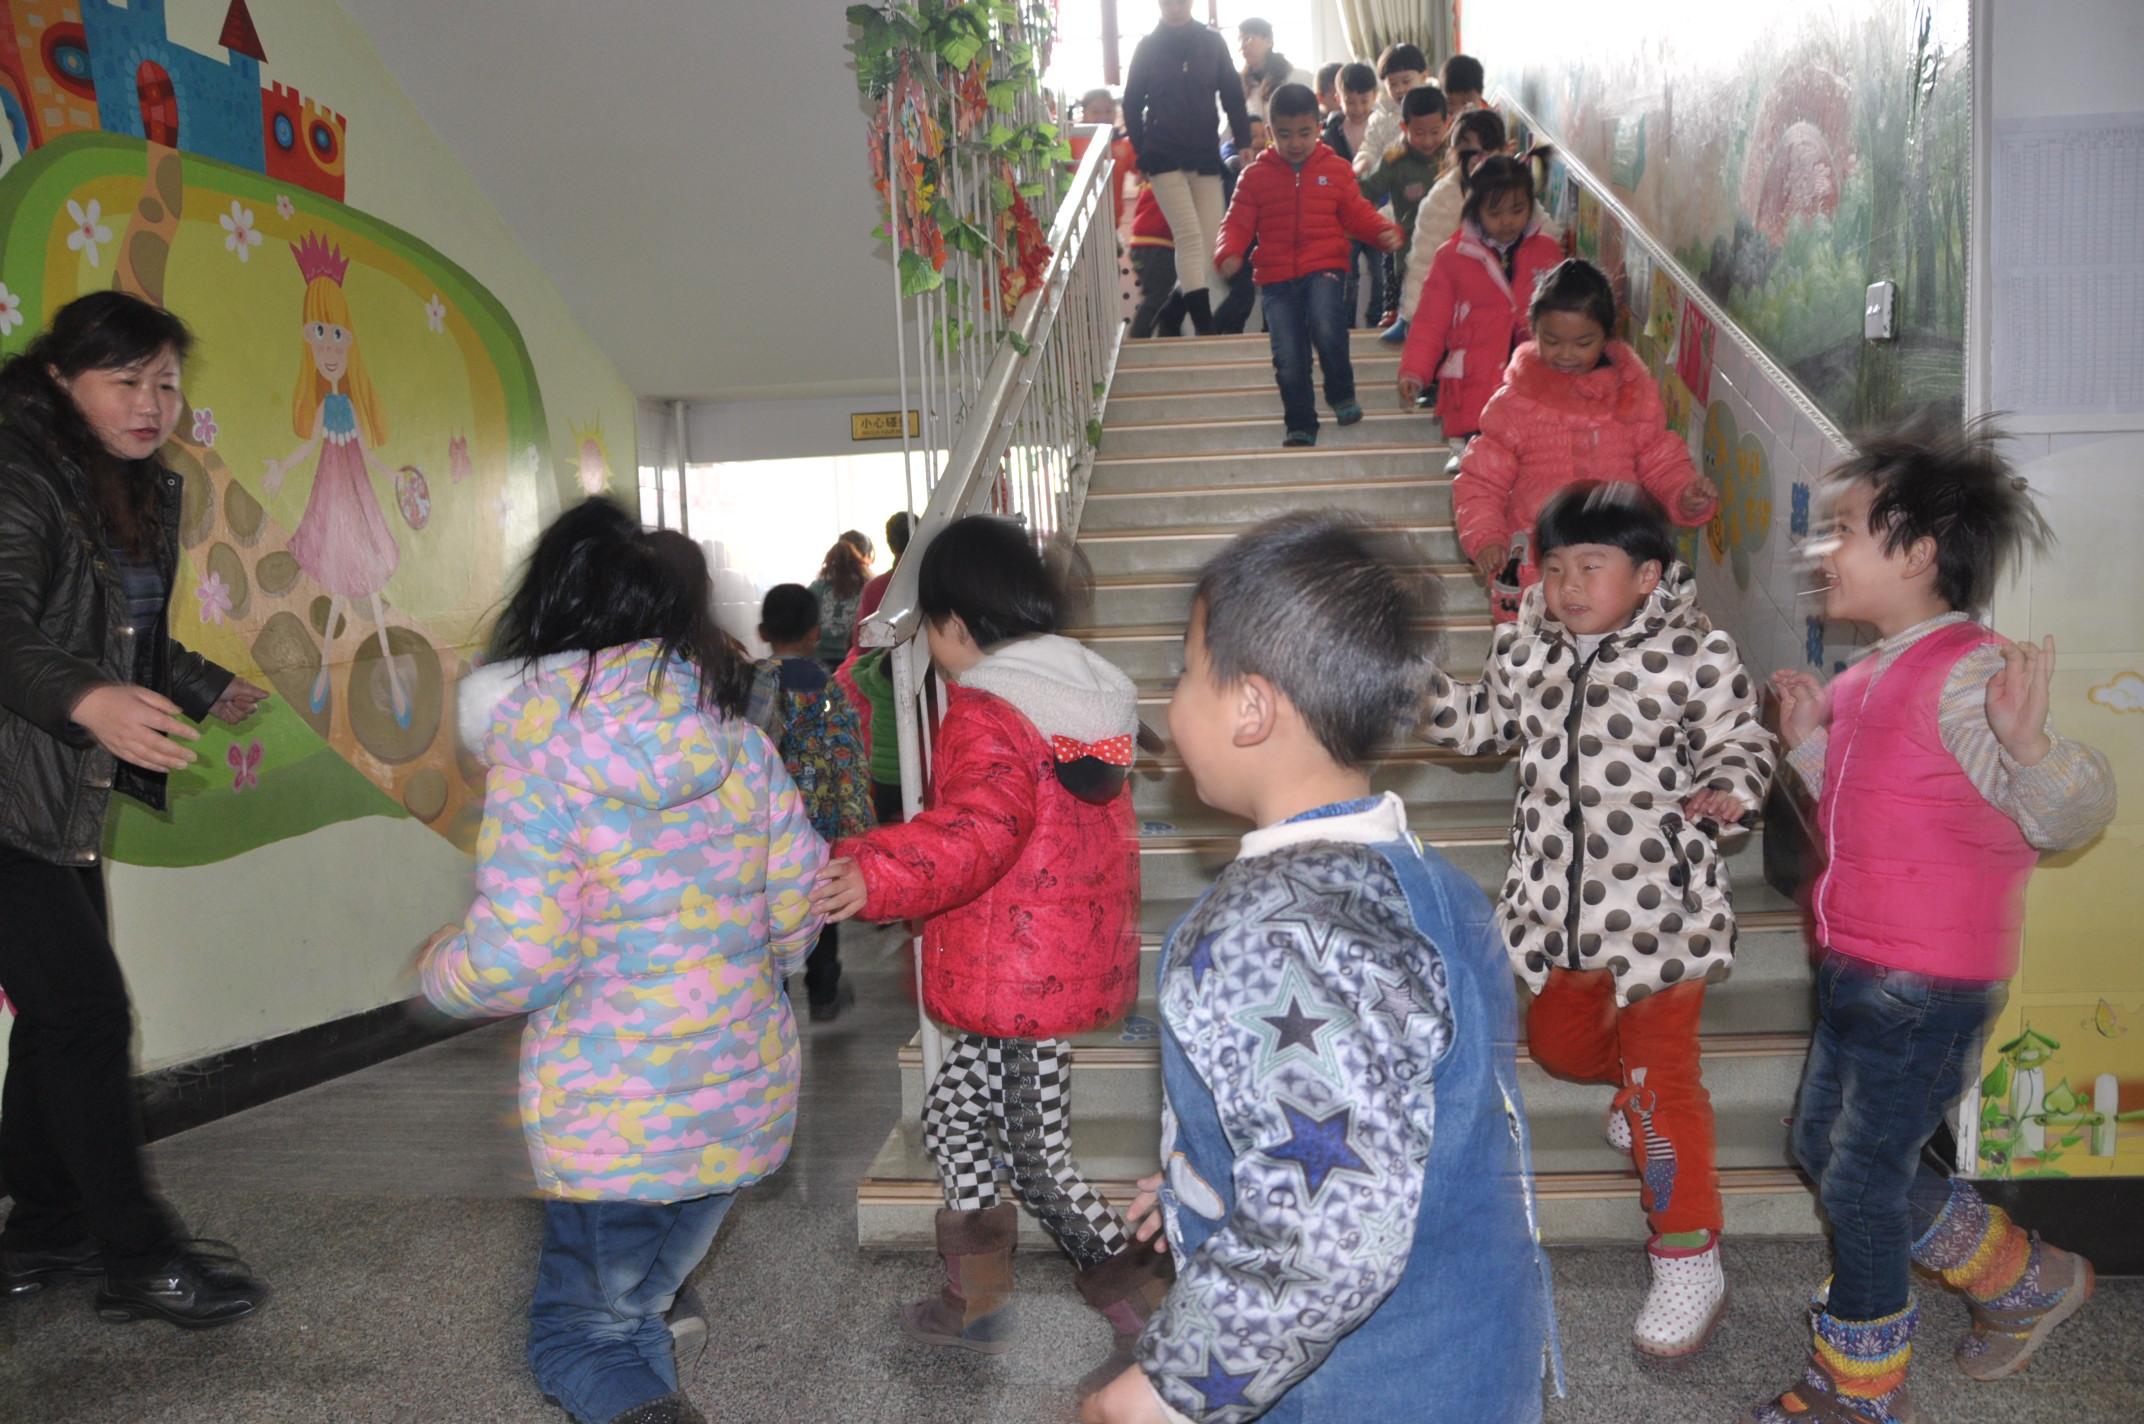 道北幼儿园地震安全应急疏散演练报道